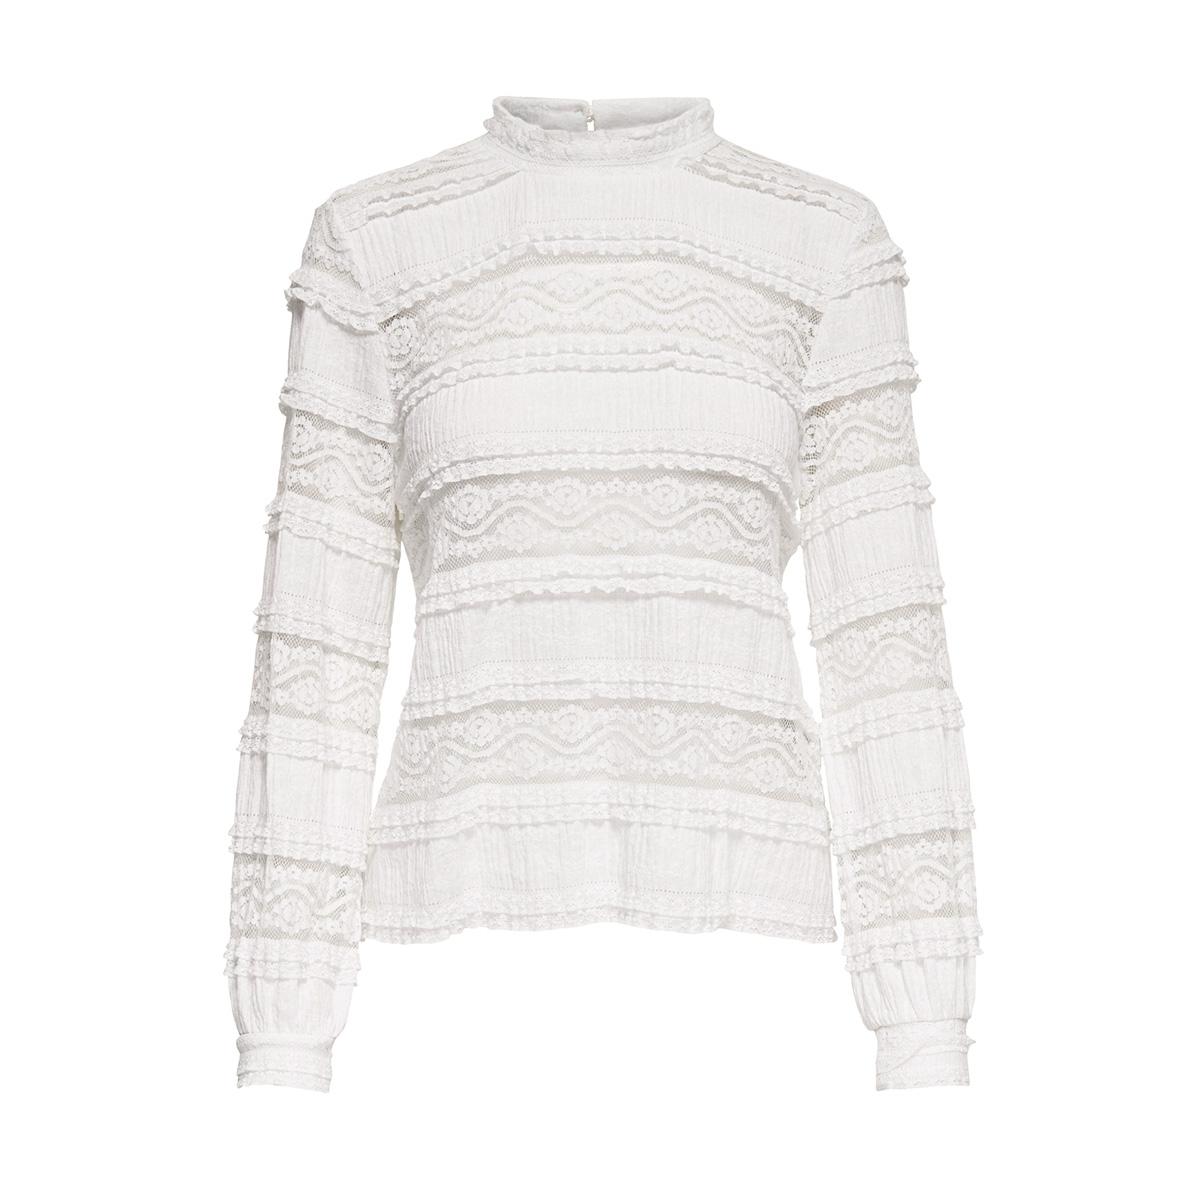 onlmarjorie l/s top  jrs 15164173 only blouse cloud dancer